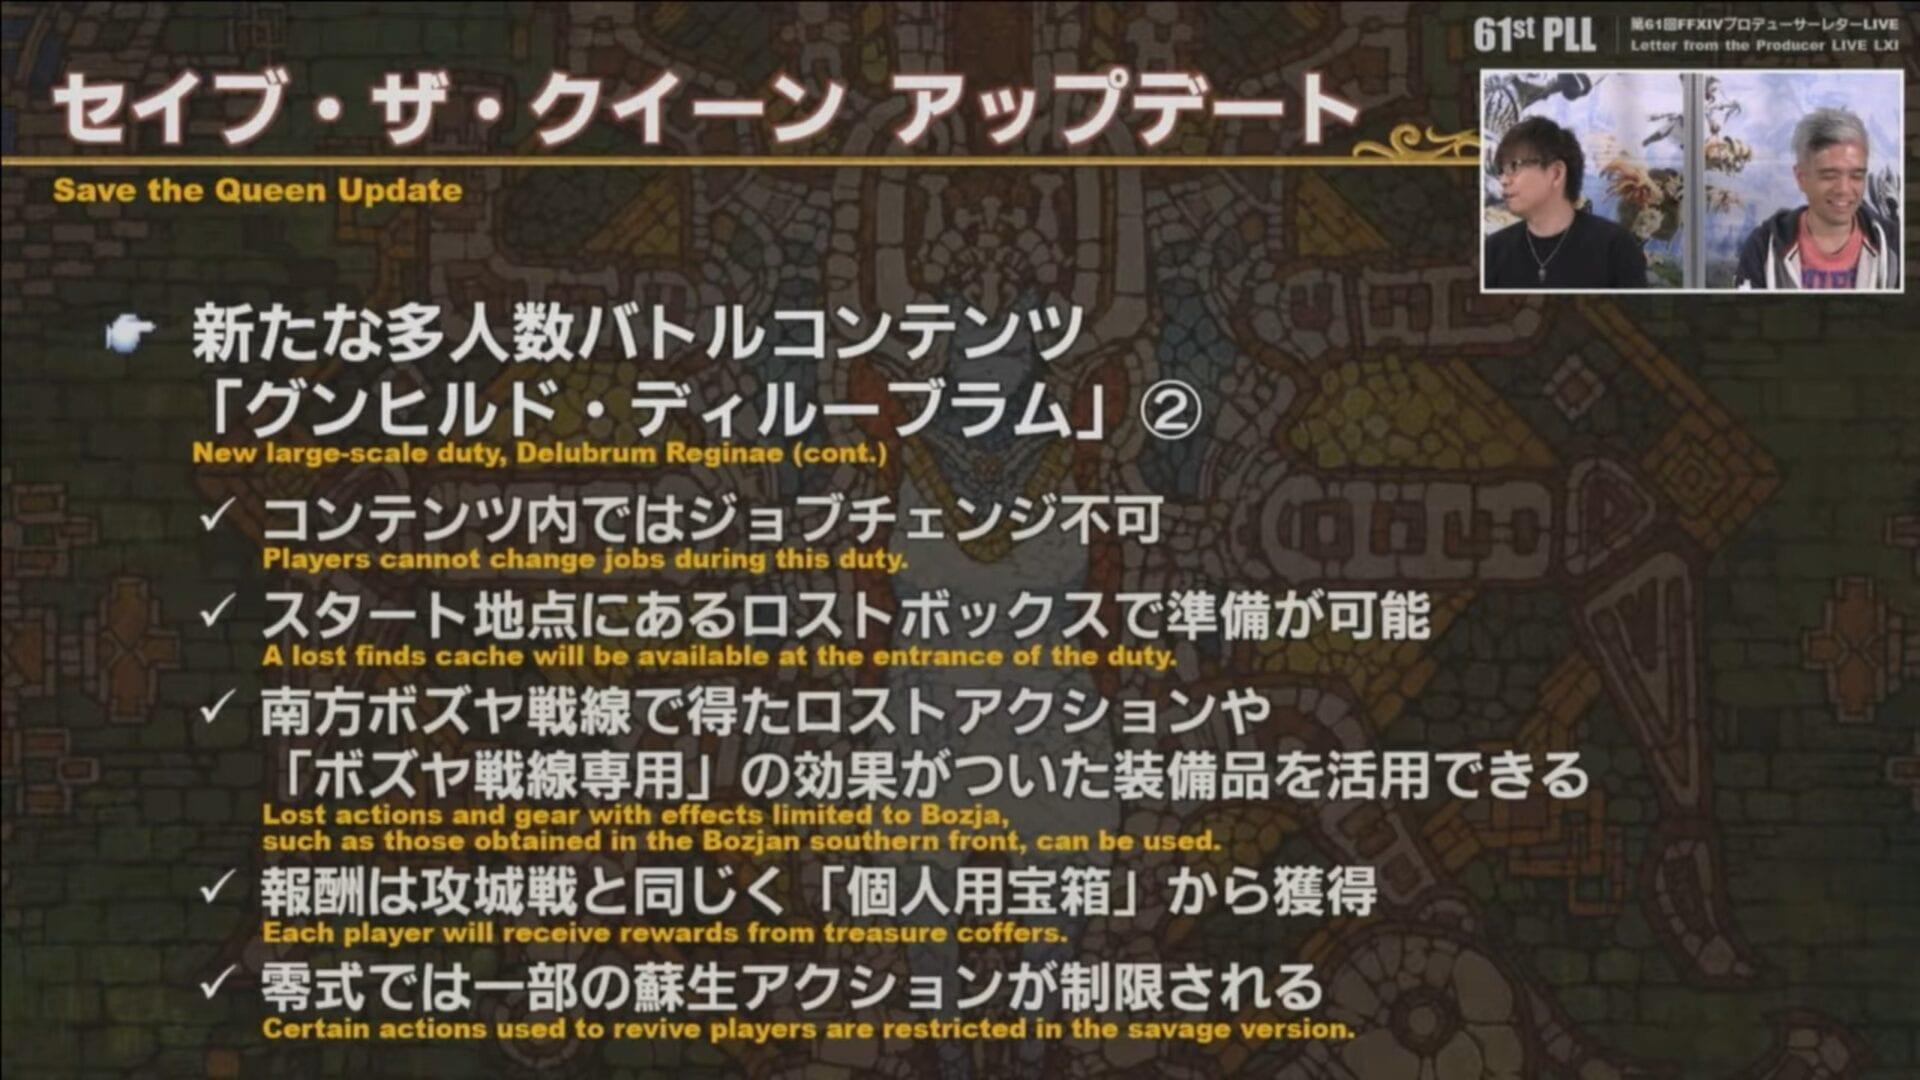 Final-Fantasy-XIV-2-3-scaled.jpg?ssl=1